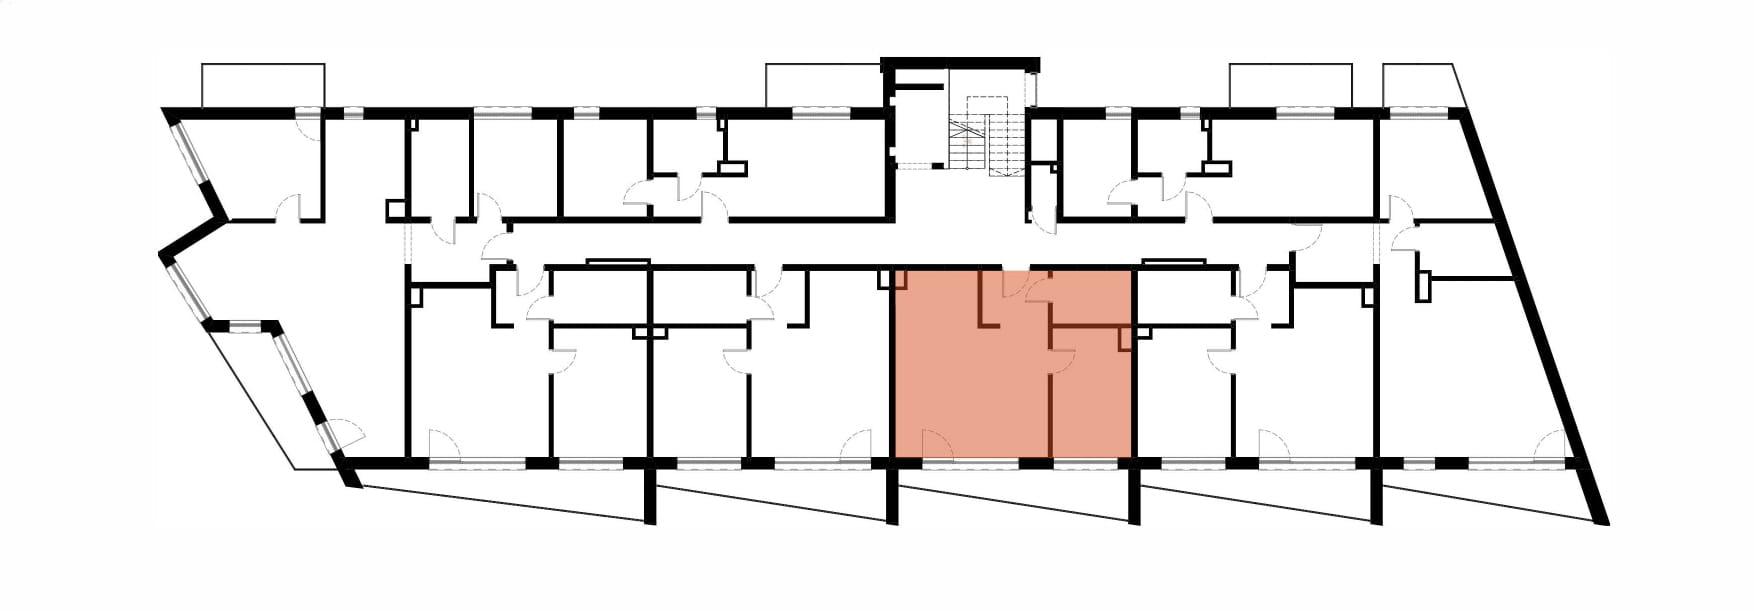 Apartamenty Kamienna / apartamenty inwestycyjne M19 rzut 2